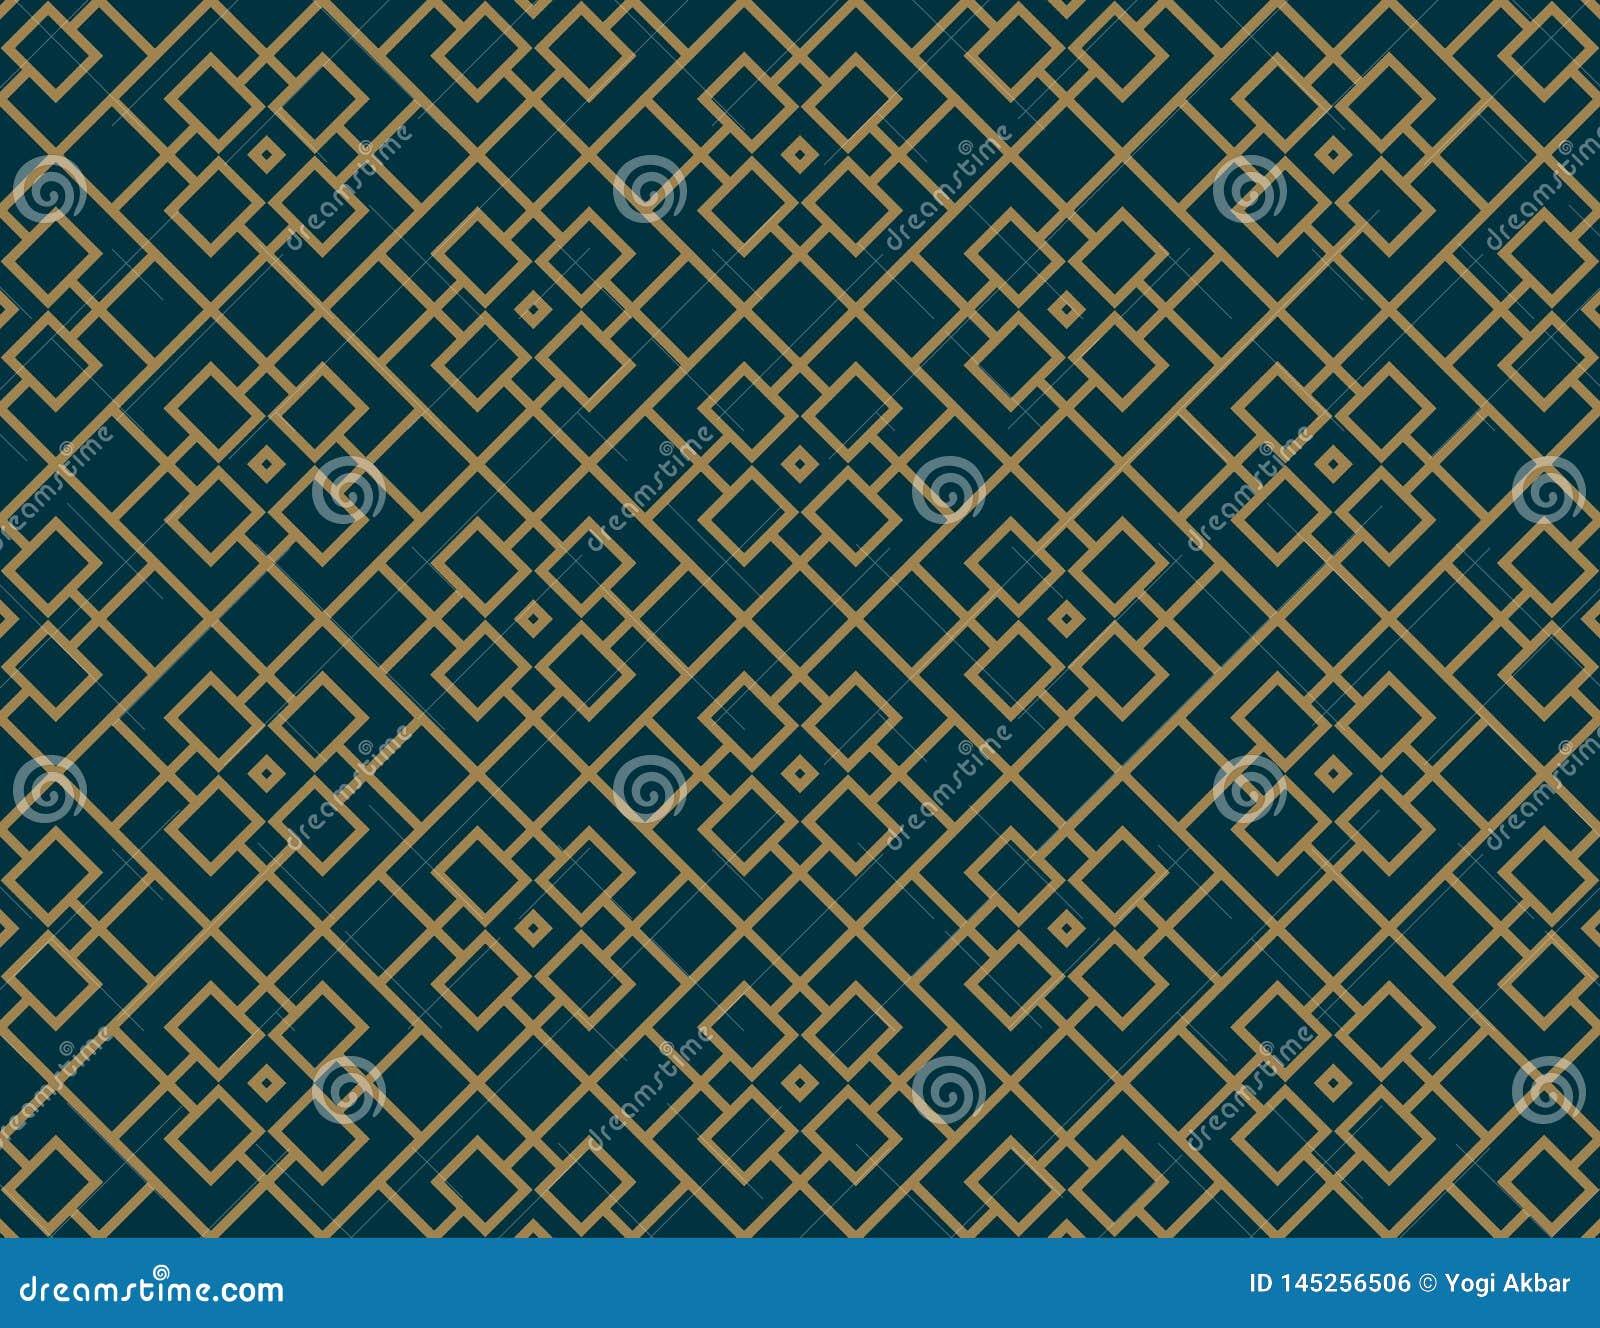 Abstraktes nahtloses Muster, Vector nahtloses Muster Wiederholen der geometrischen Verzierung Luxusgoldblaue Farbe